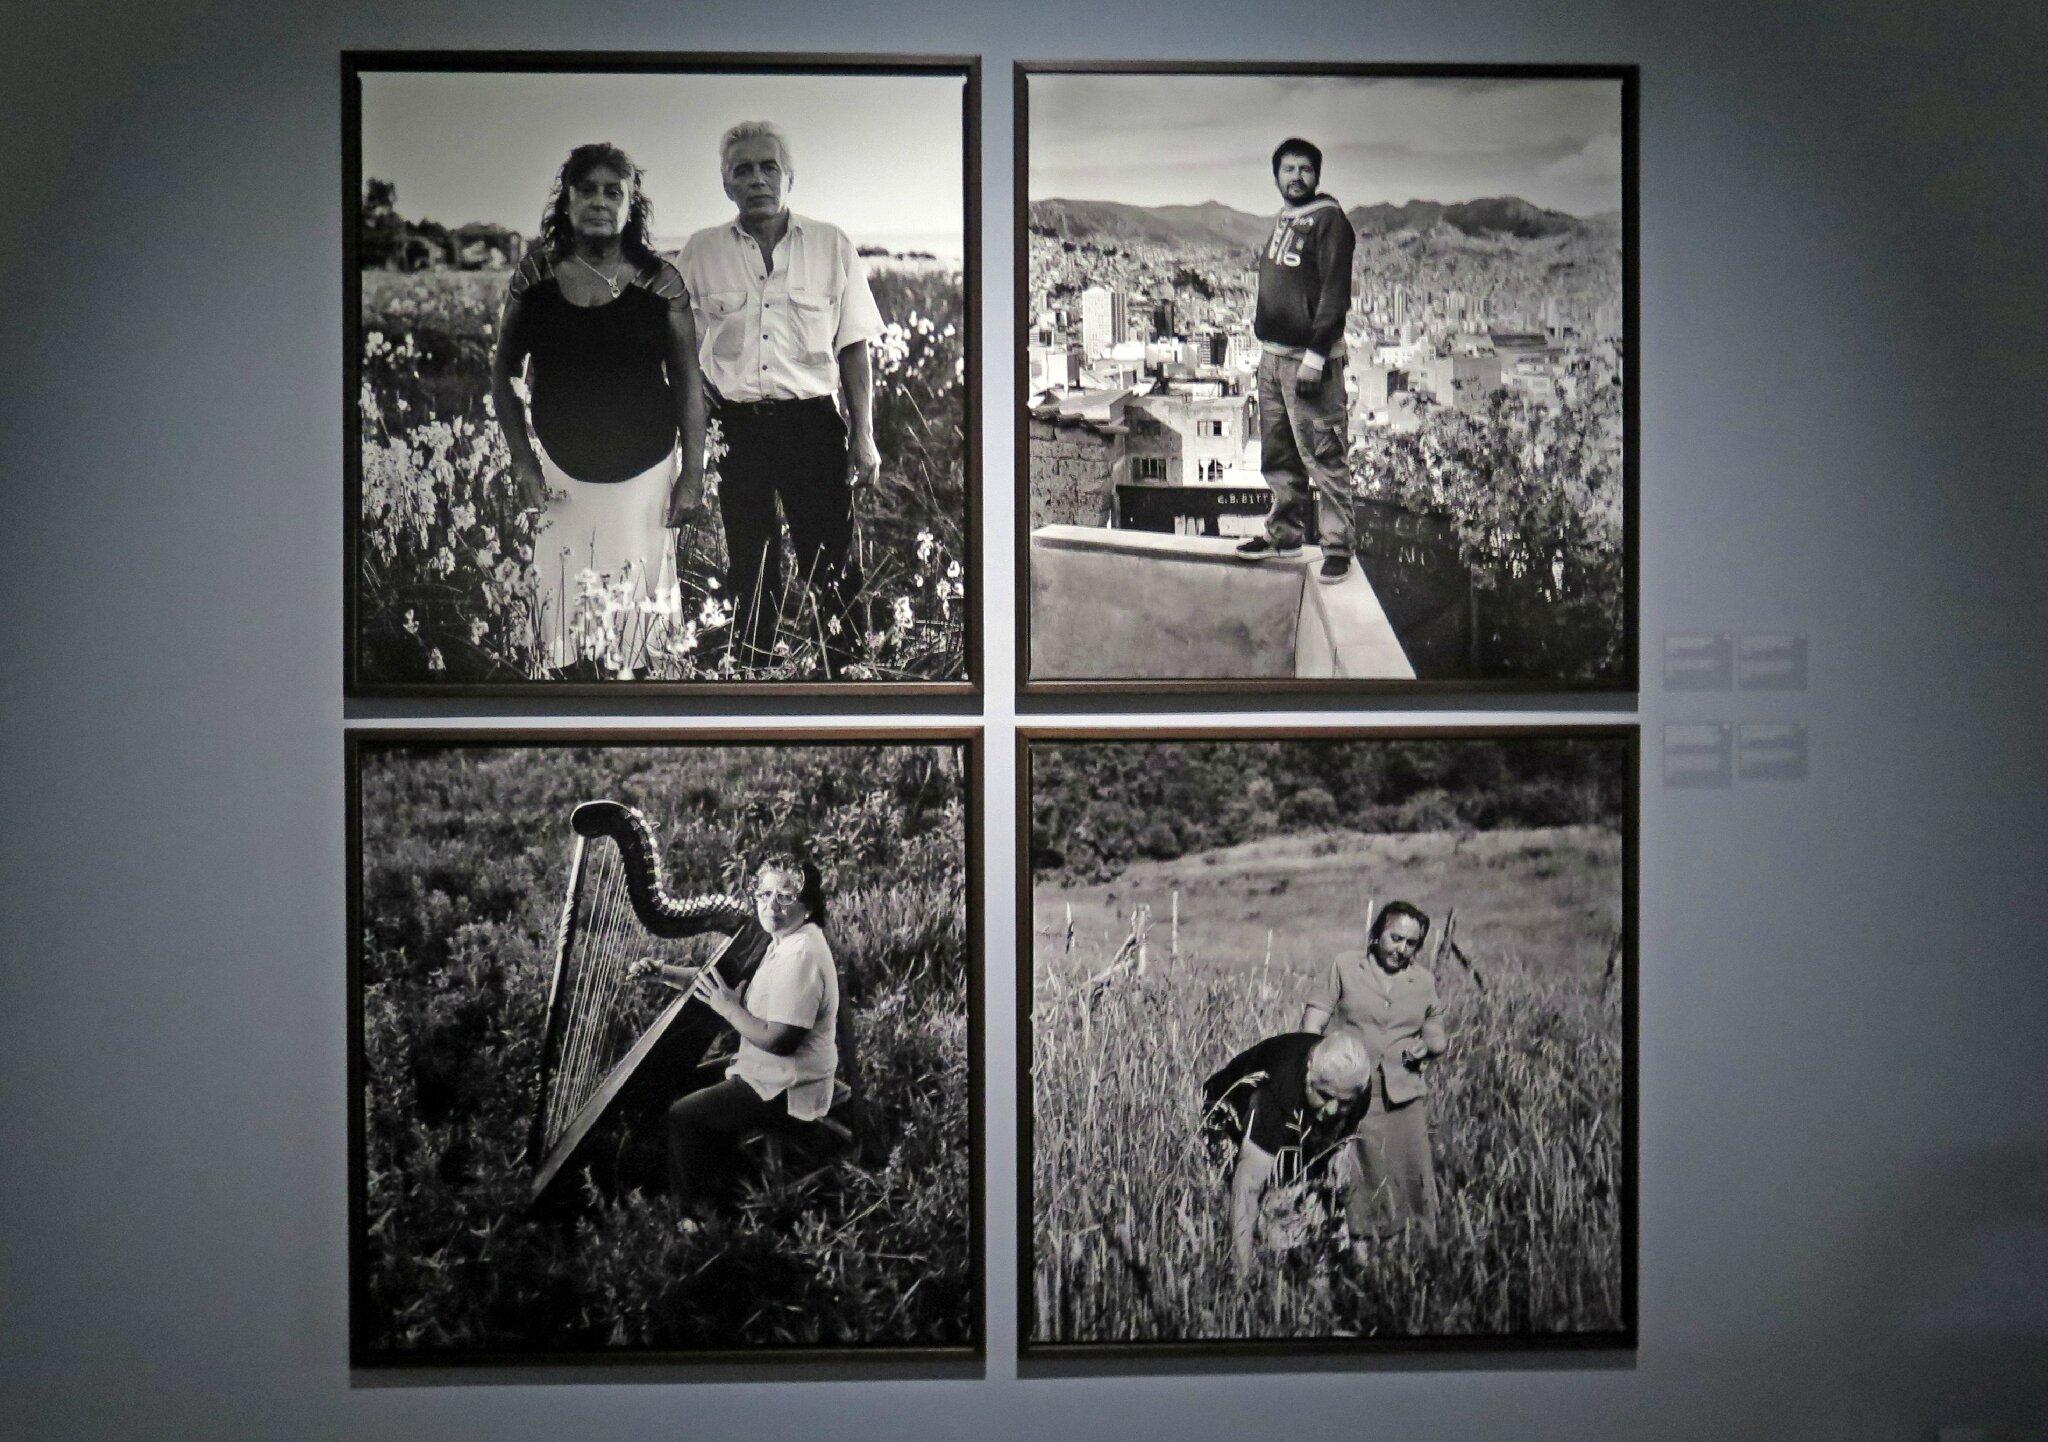 Les rencontres photographique d'arles 2016